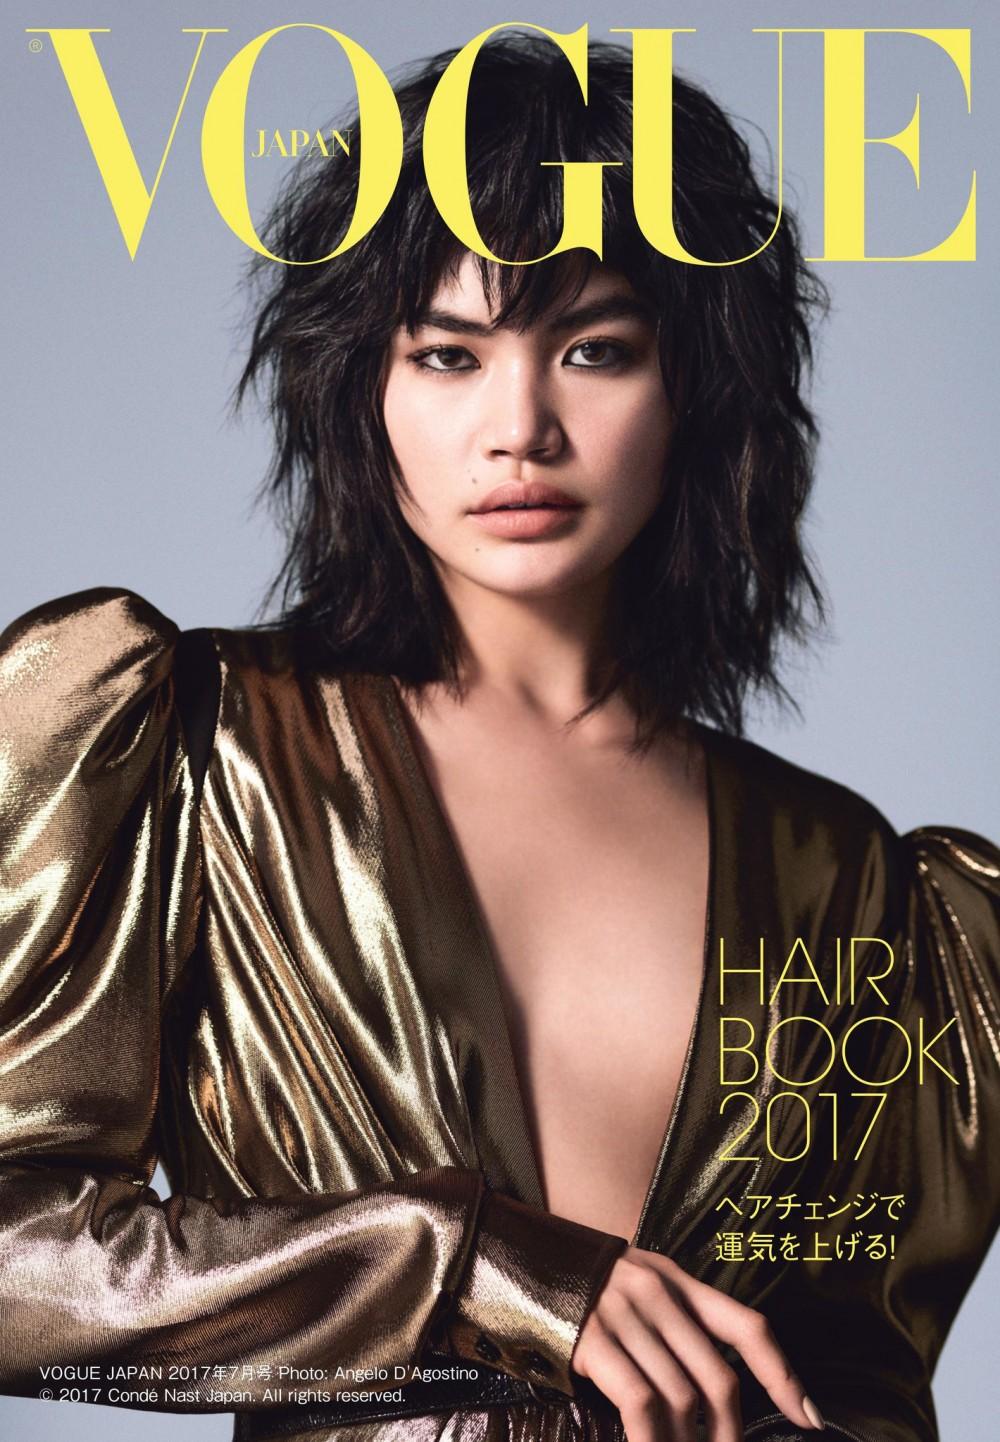 Người mẫu Rina Fukushi trên trang bìa tạp chí Vogue. Ảnh: Prtimes